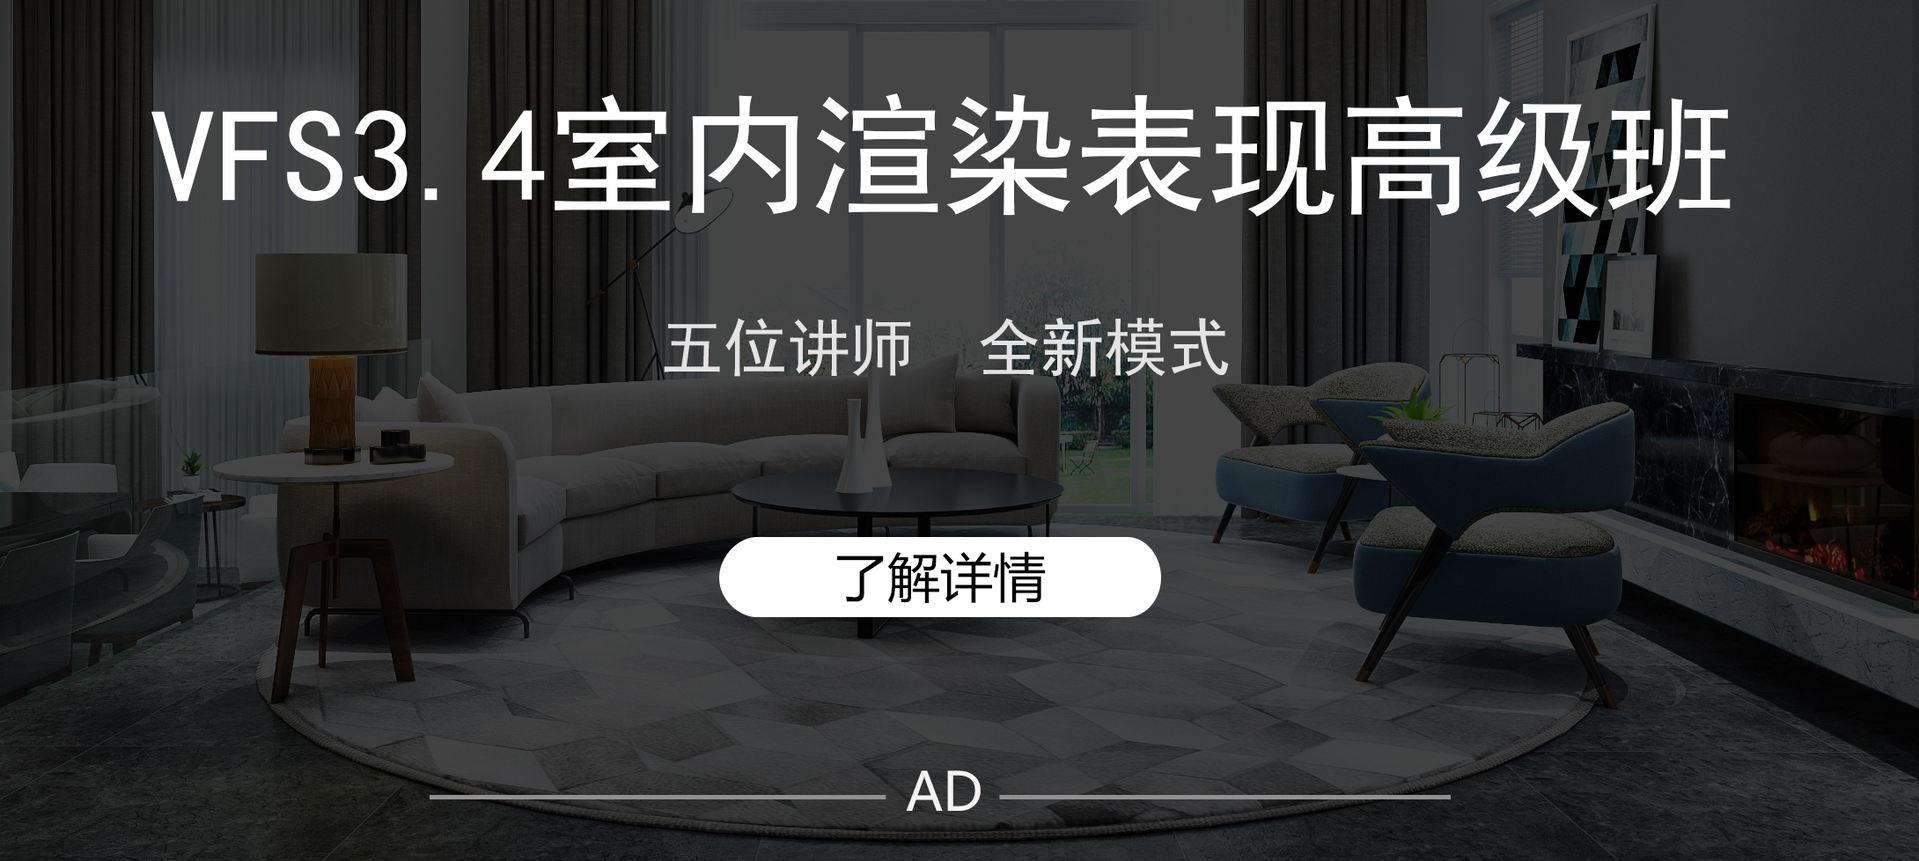 广告4.jpg